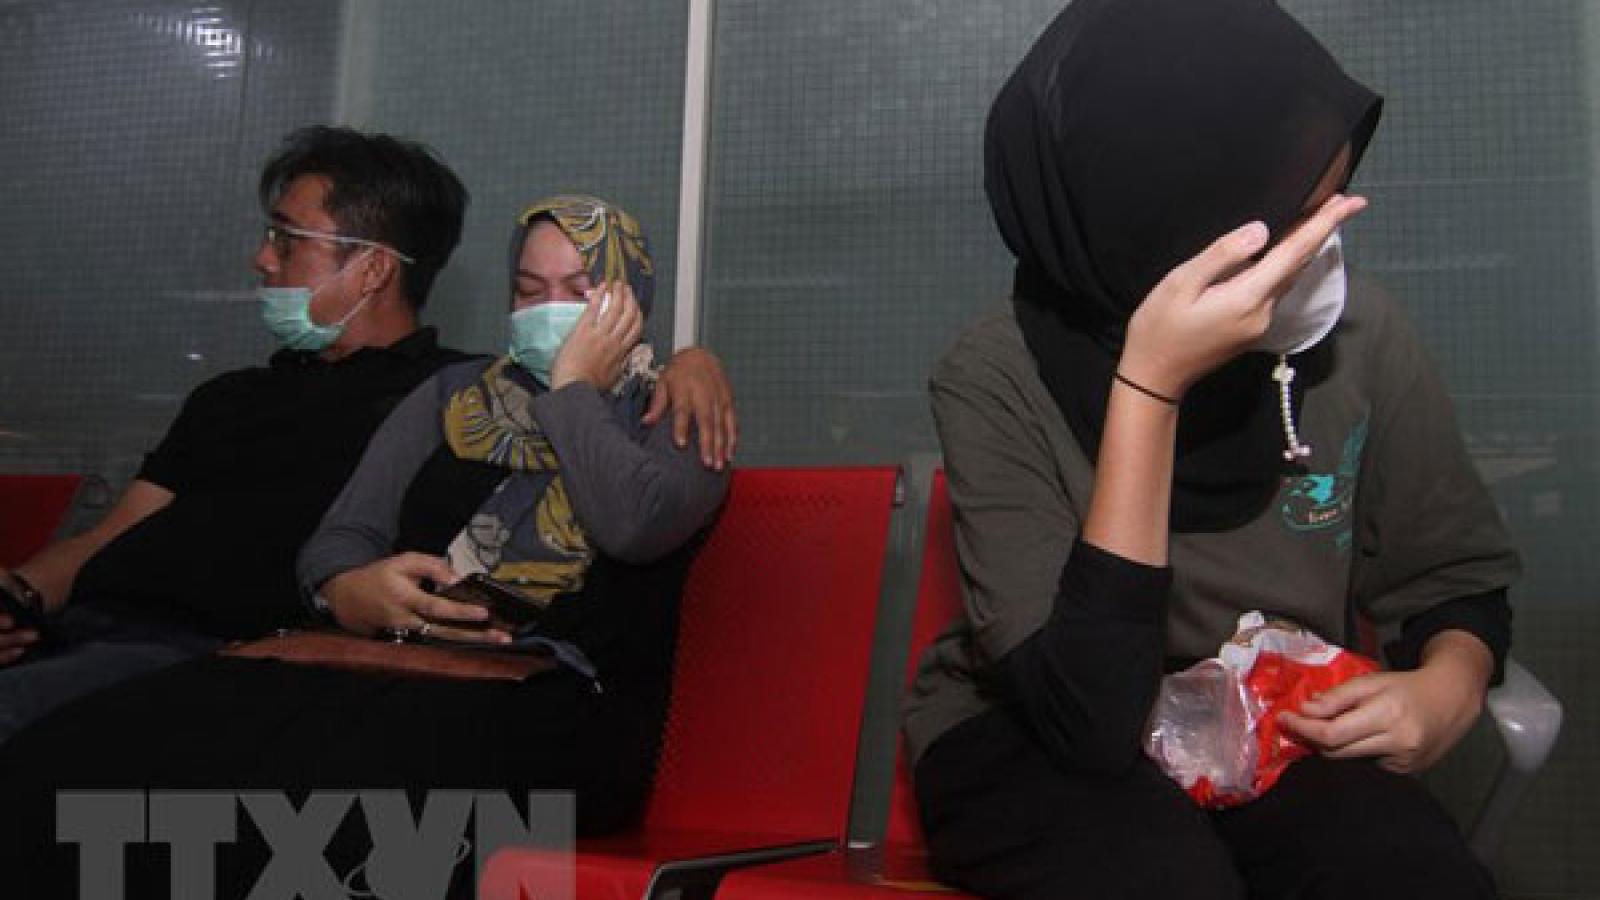 Indonesiahọp báo thông tin về vụ máy bay chở 62 người gặp nạn rơi xuống biển